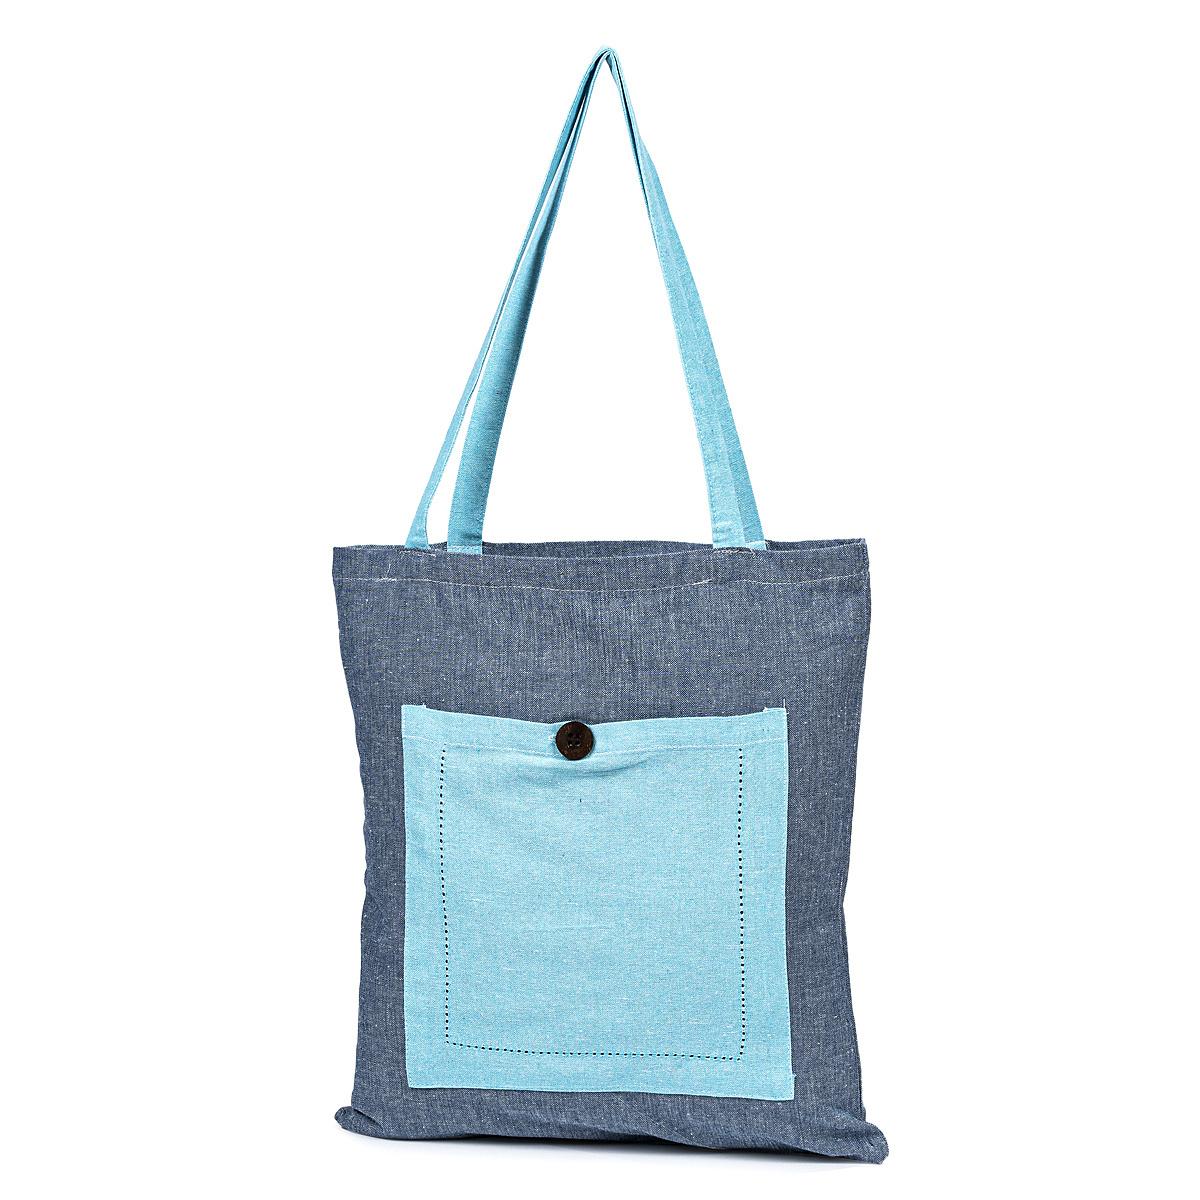 Sacoșă de cumpărături Heda, albastru, 40 x 45 cm imagine 2021 e4home.ro